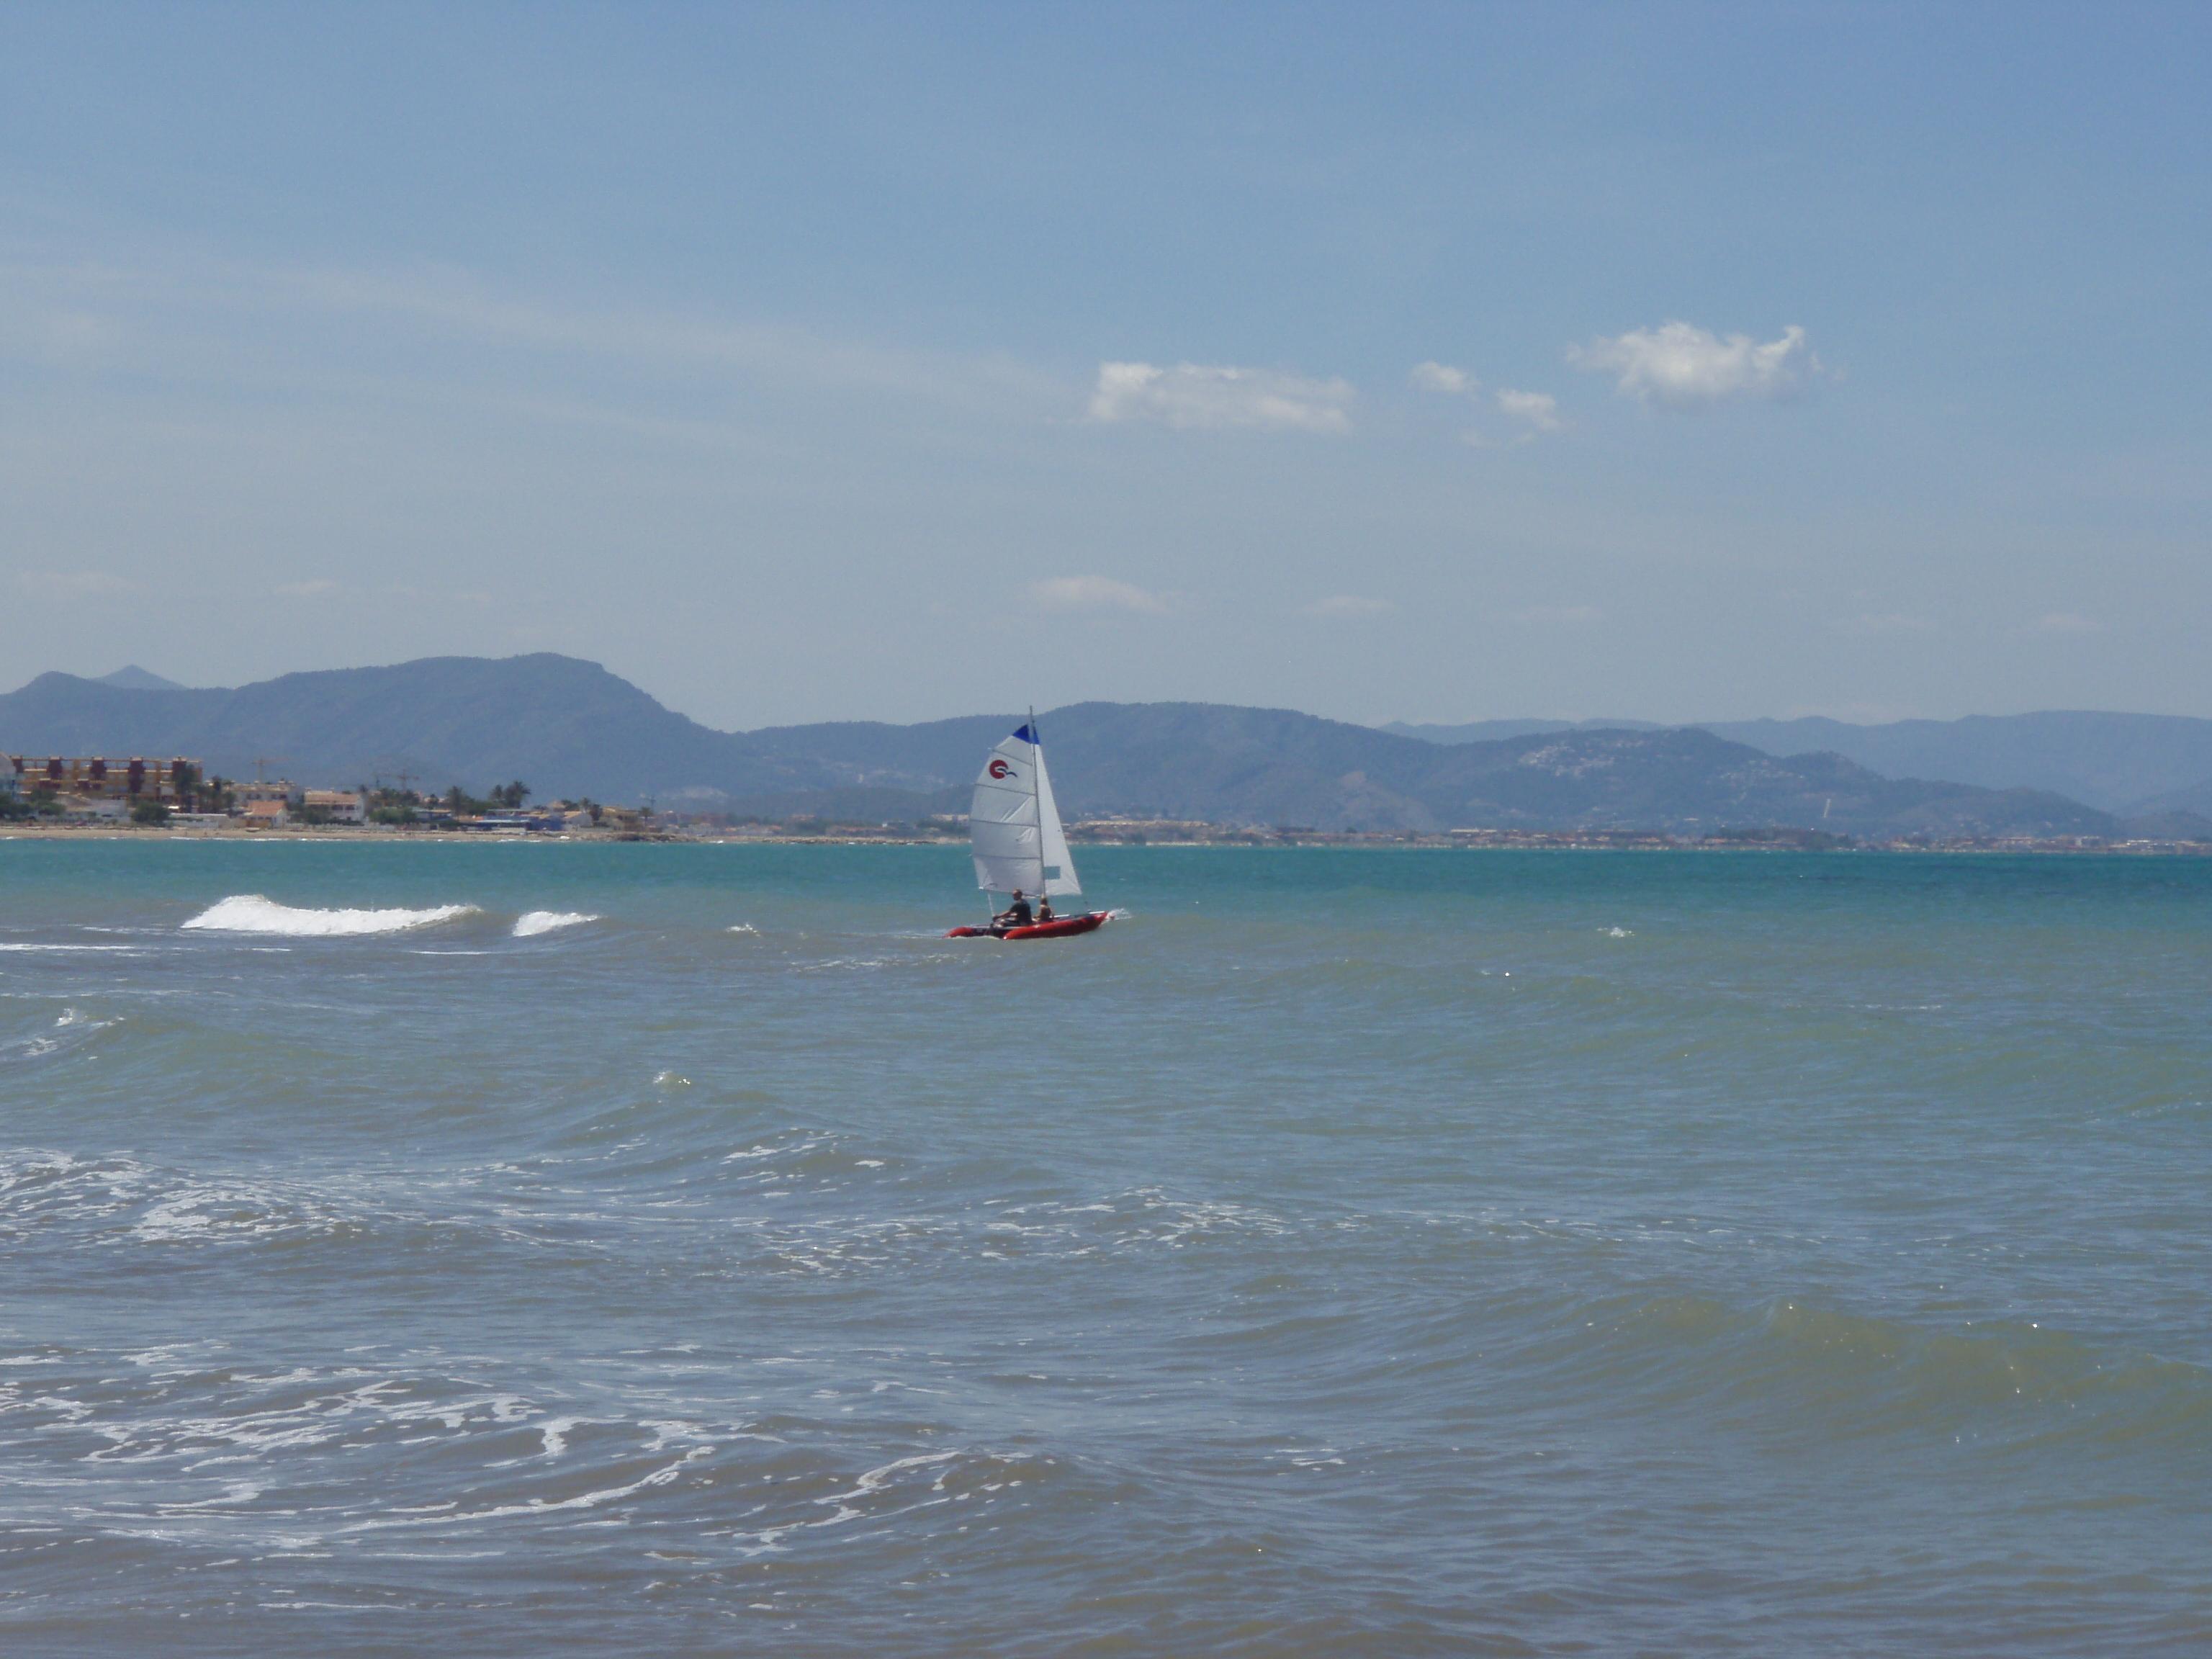 Playa Les Bovetes